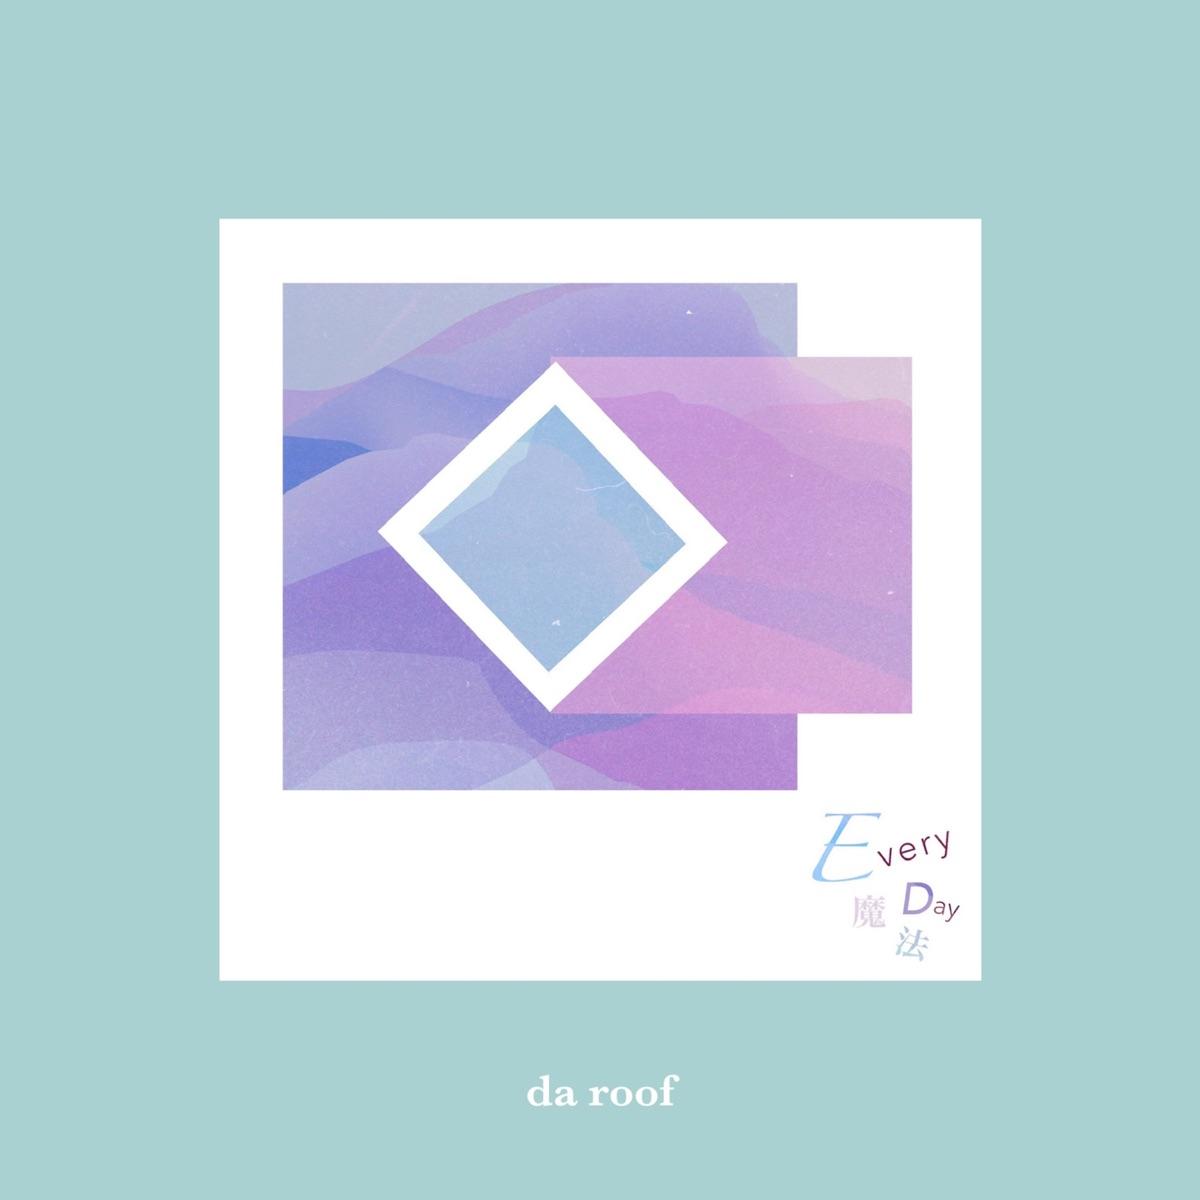 『iCE KiD - EveryDay魔法 feat.da roof』収録の『EveryDay魔法 feat.da roof』ジャケット